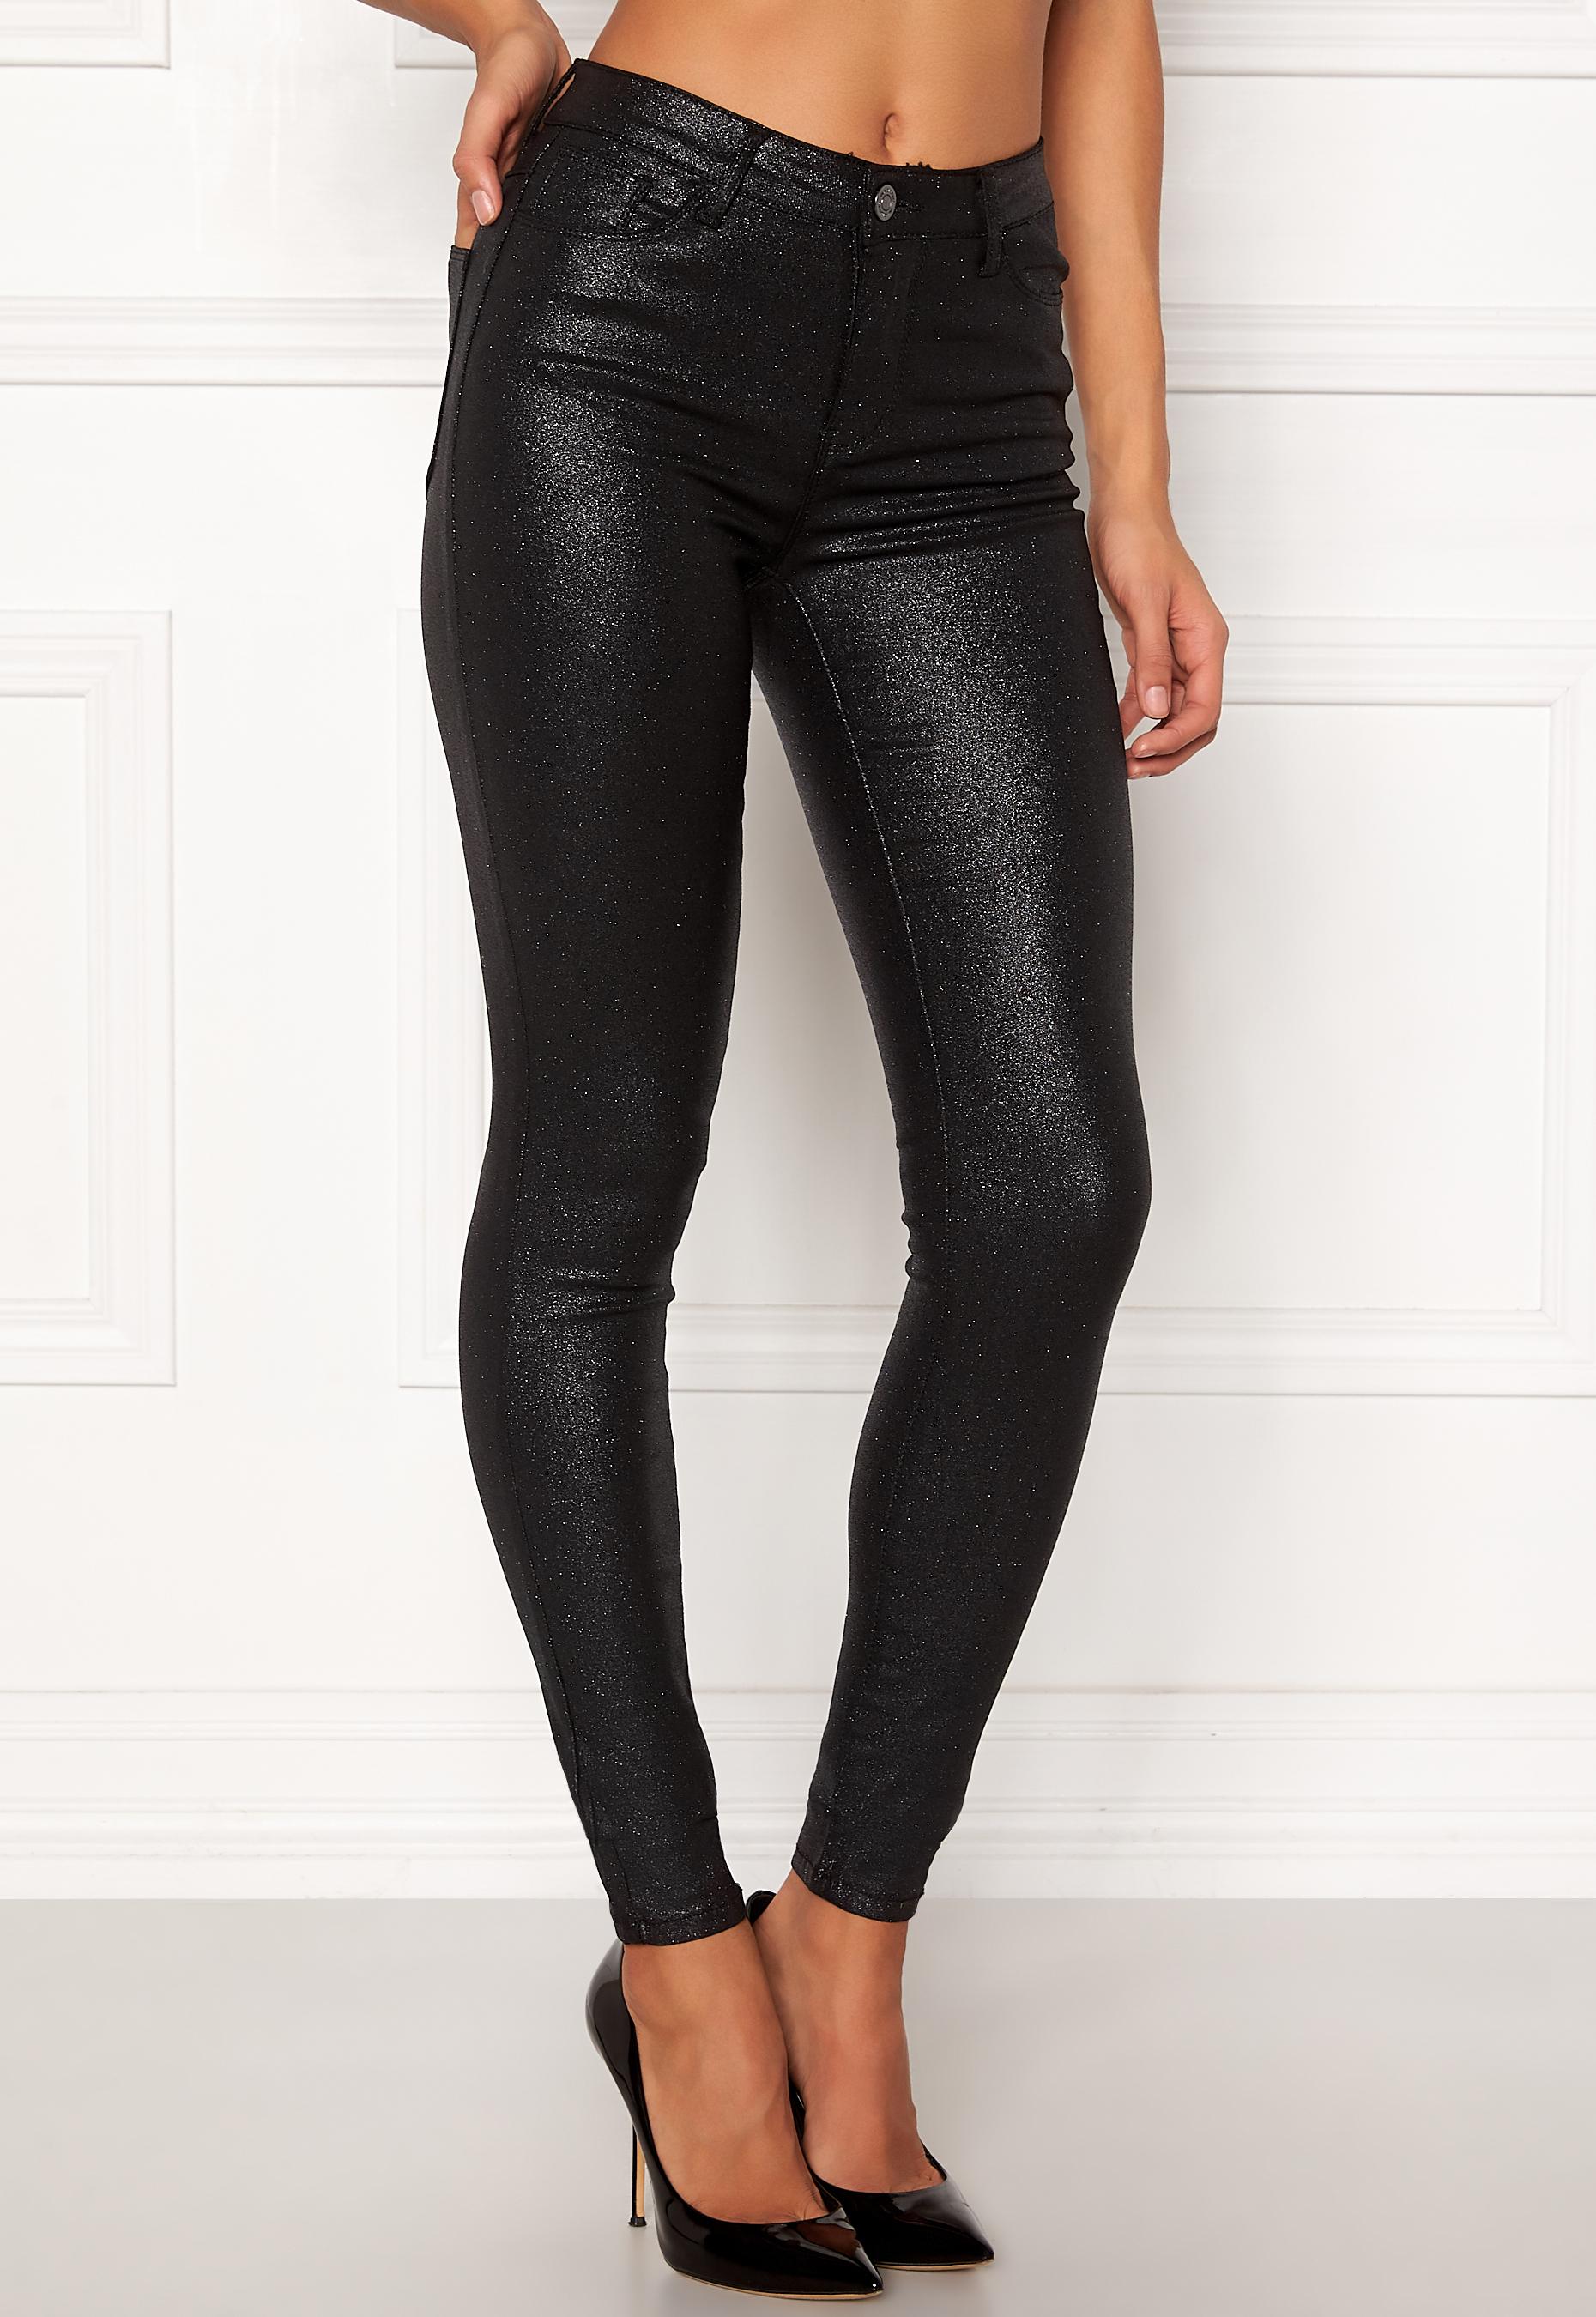 VILA Commit RW Glitter Jeans Black - Bubbleroom e039c1c4d1c84